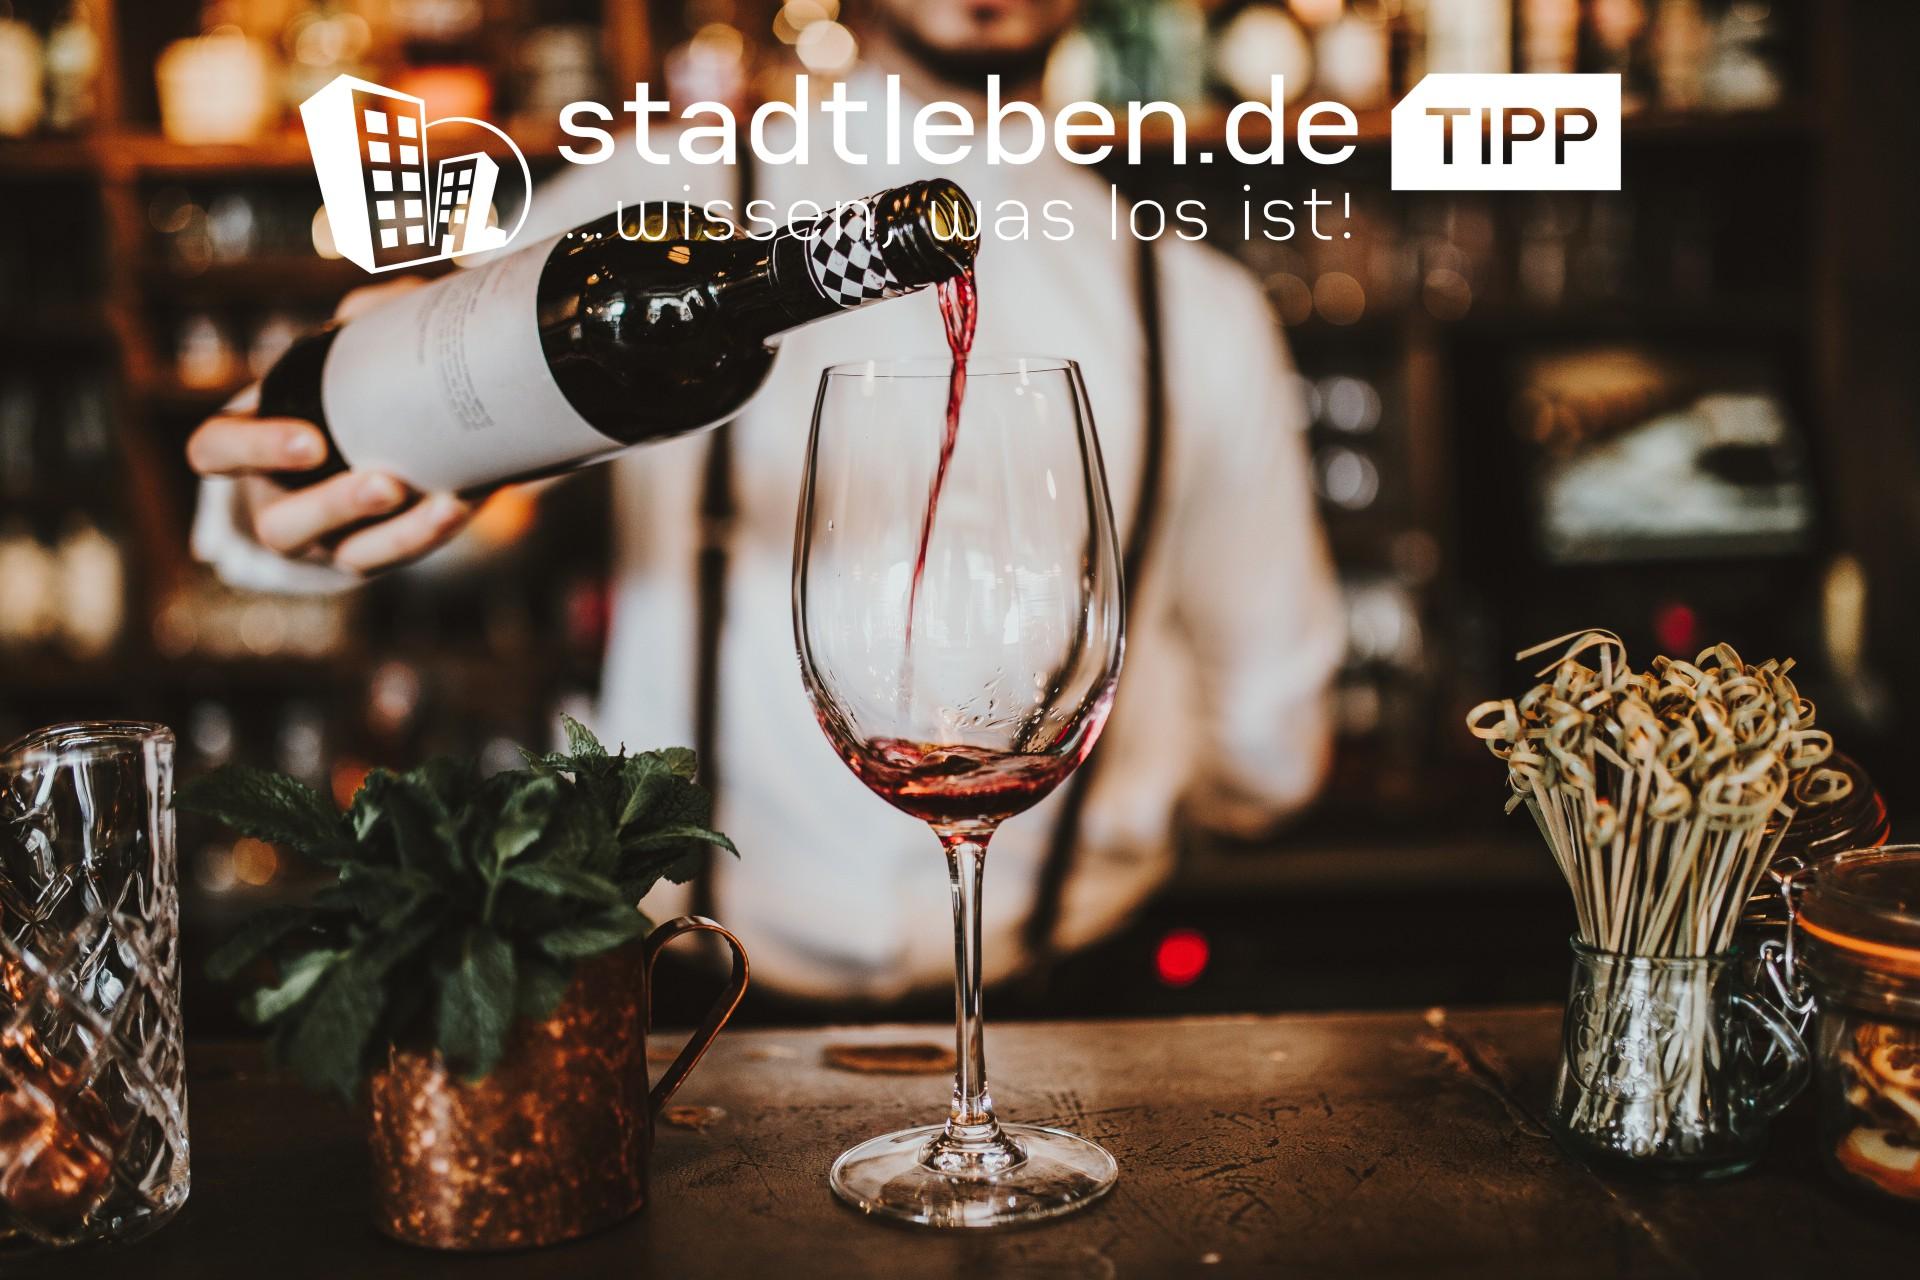 Weinglas, Weinflasche, Weingläser, Trauben, Kerzen, Location